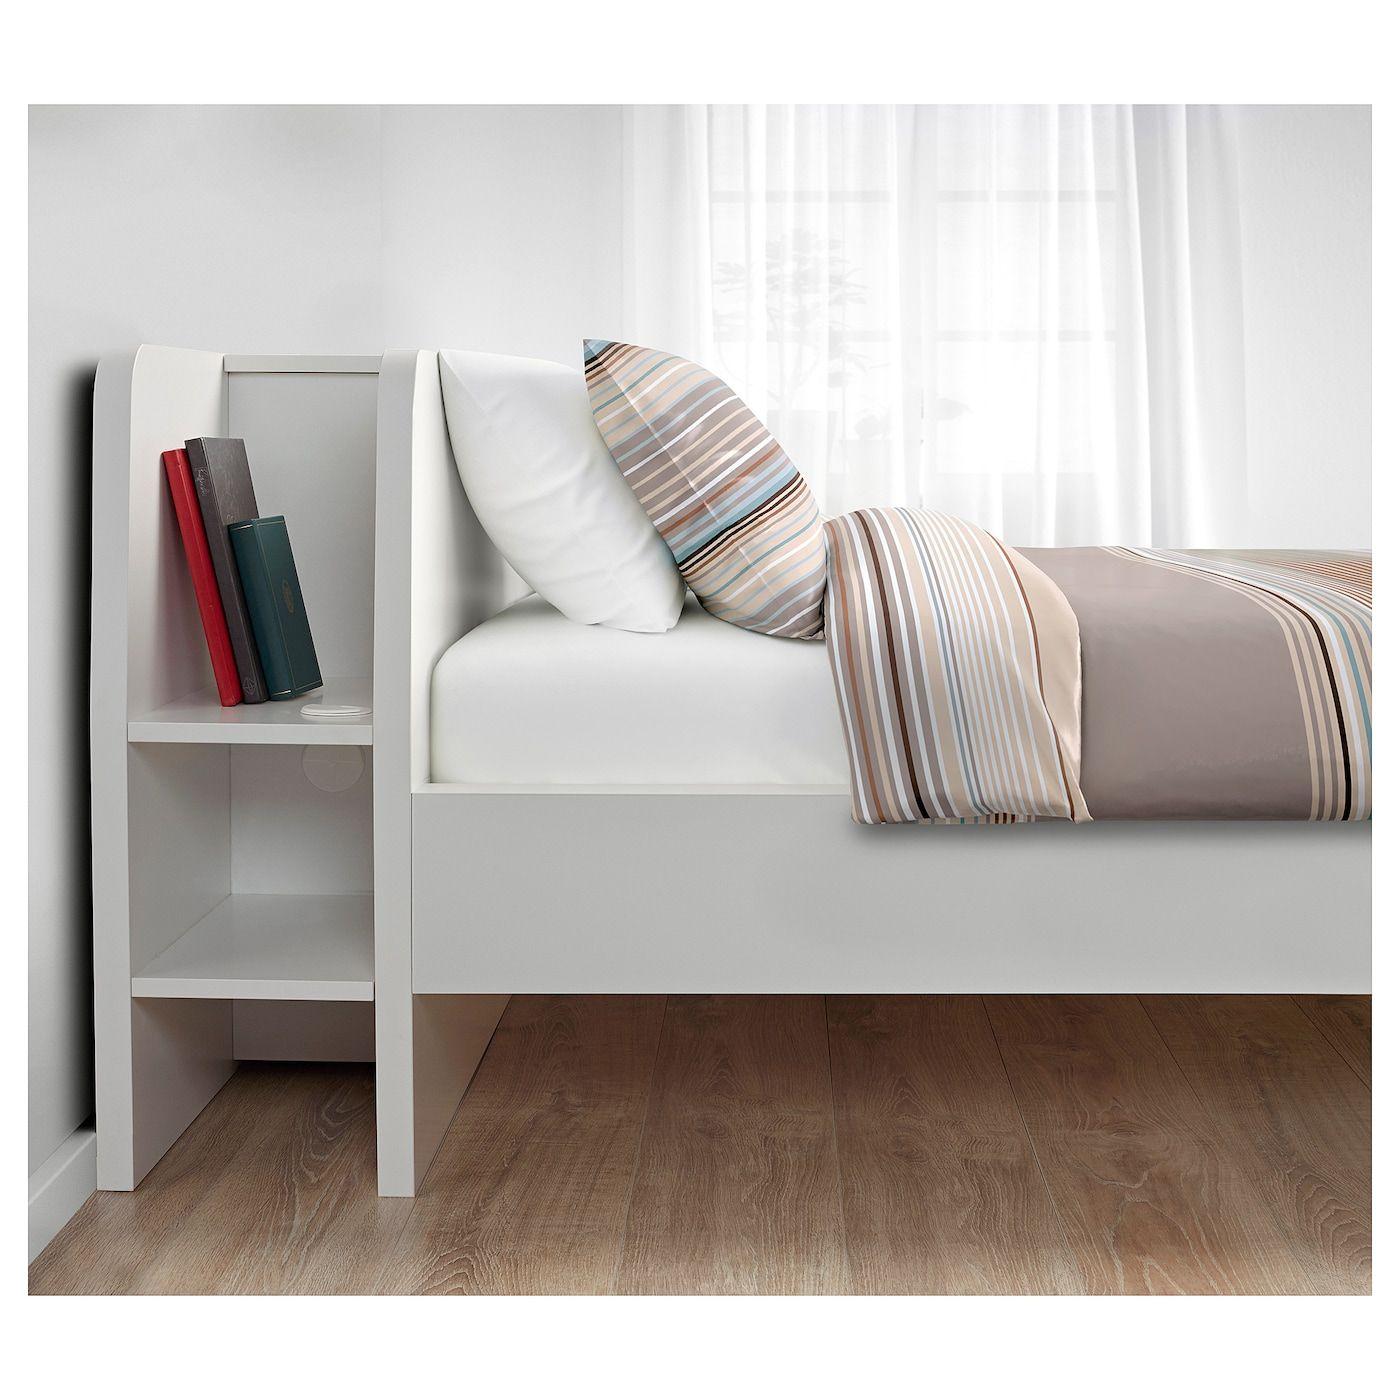 Askvoll Bettgestell Mit Kopfteil Und Aufb Weiss Ikea Deutschland Bettgestell Zimmer Einrichten Jugendzimmer Ikea